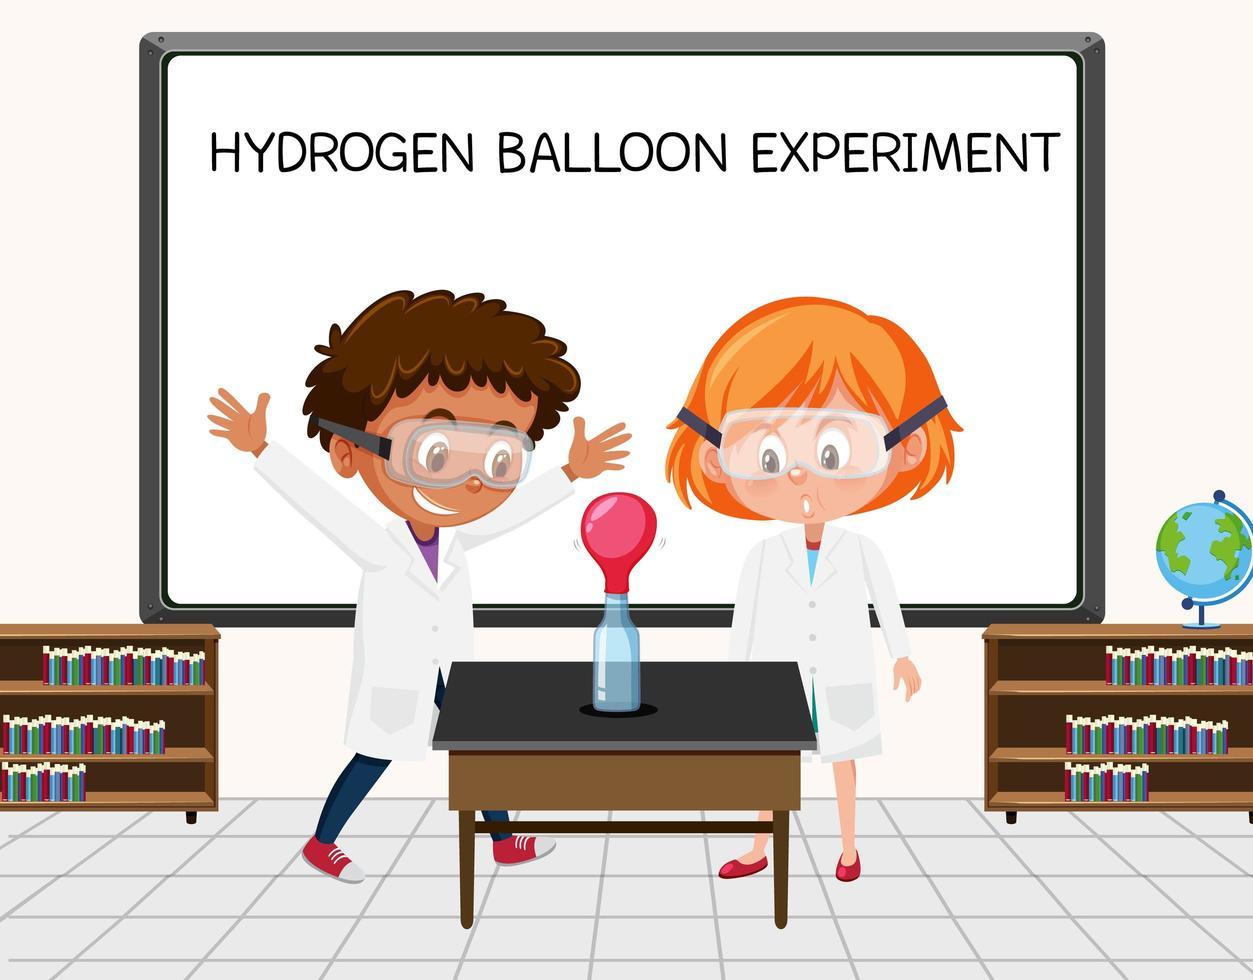 giovane scienziato che fa esperimento con palloncino a idrogeno davanti a una tavola in laboratorio vettore